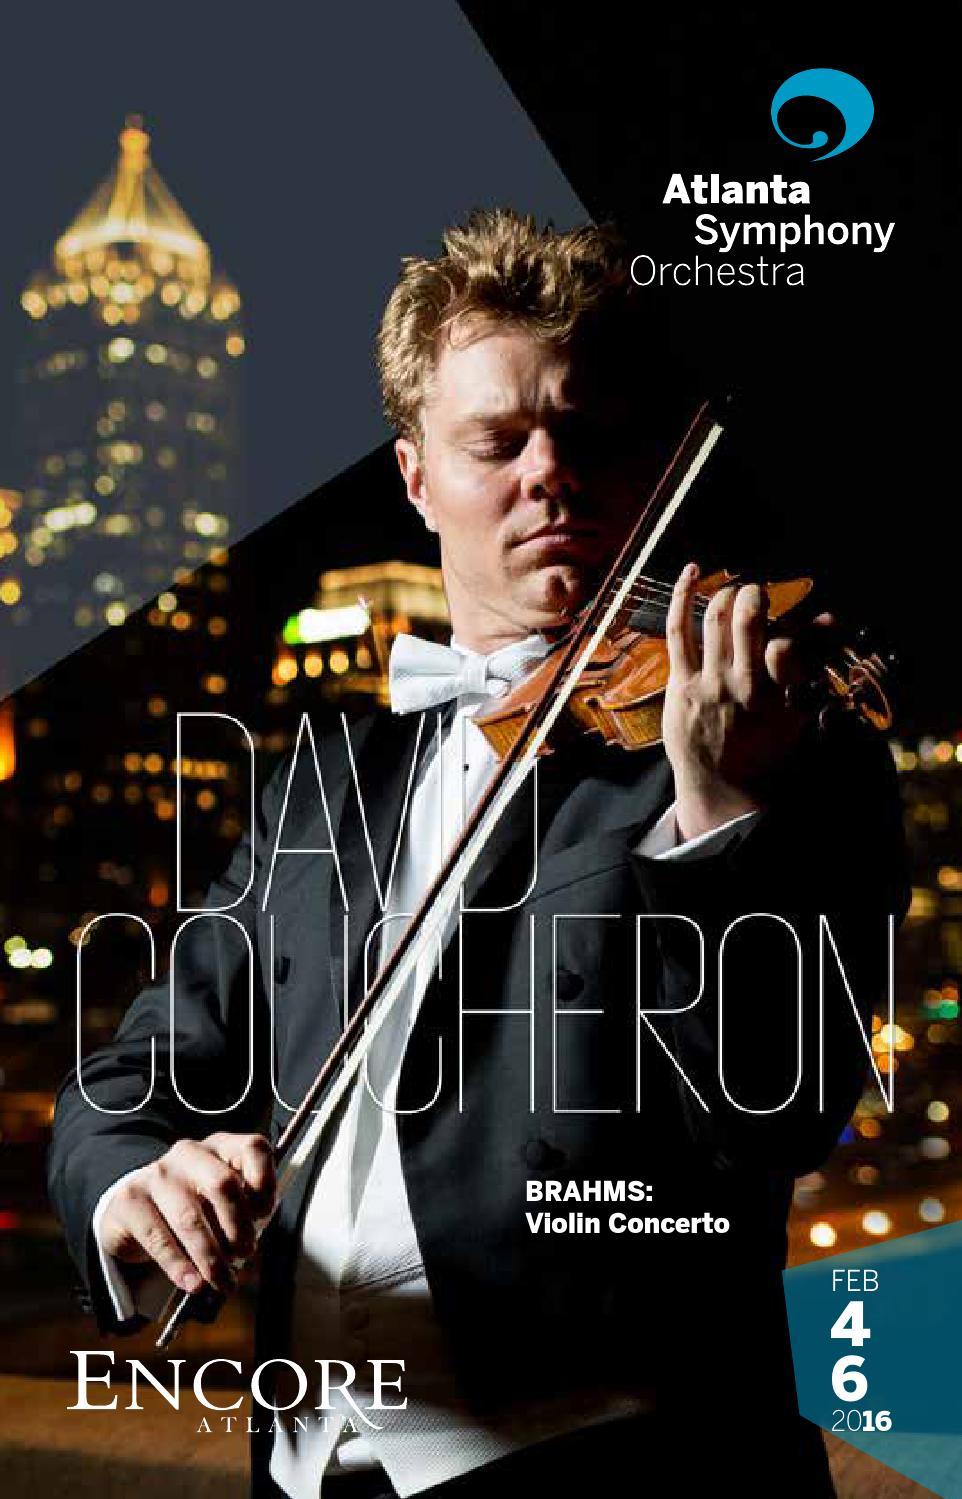 Atlanta Symphony Orchestra: February 2016 by Encore Atlanta